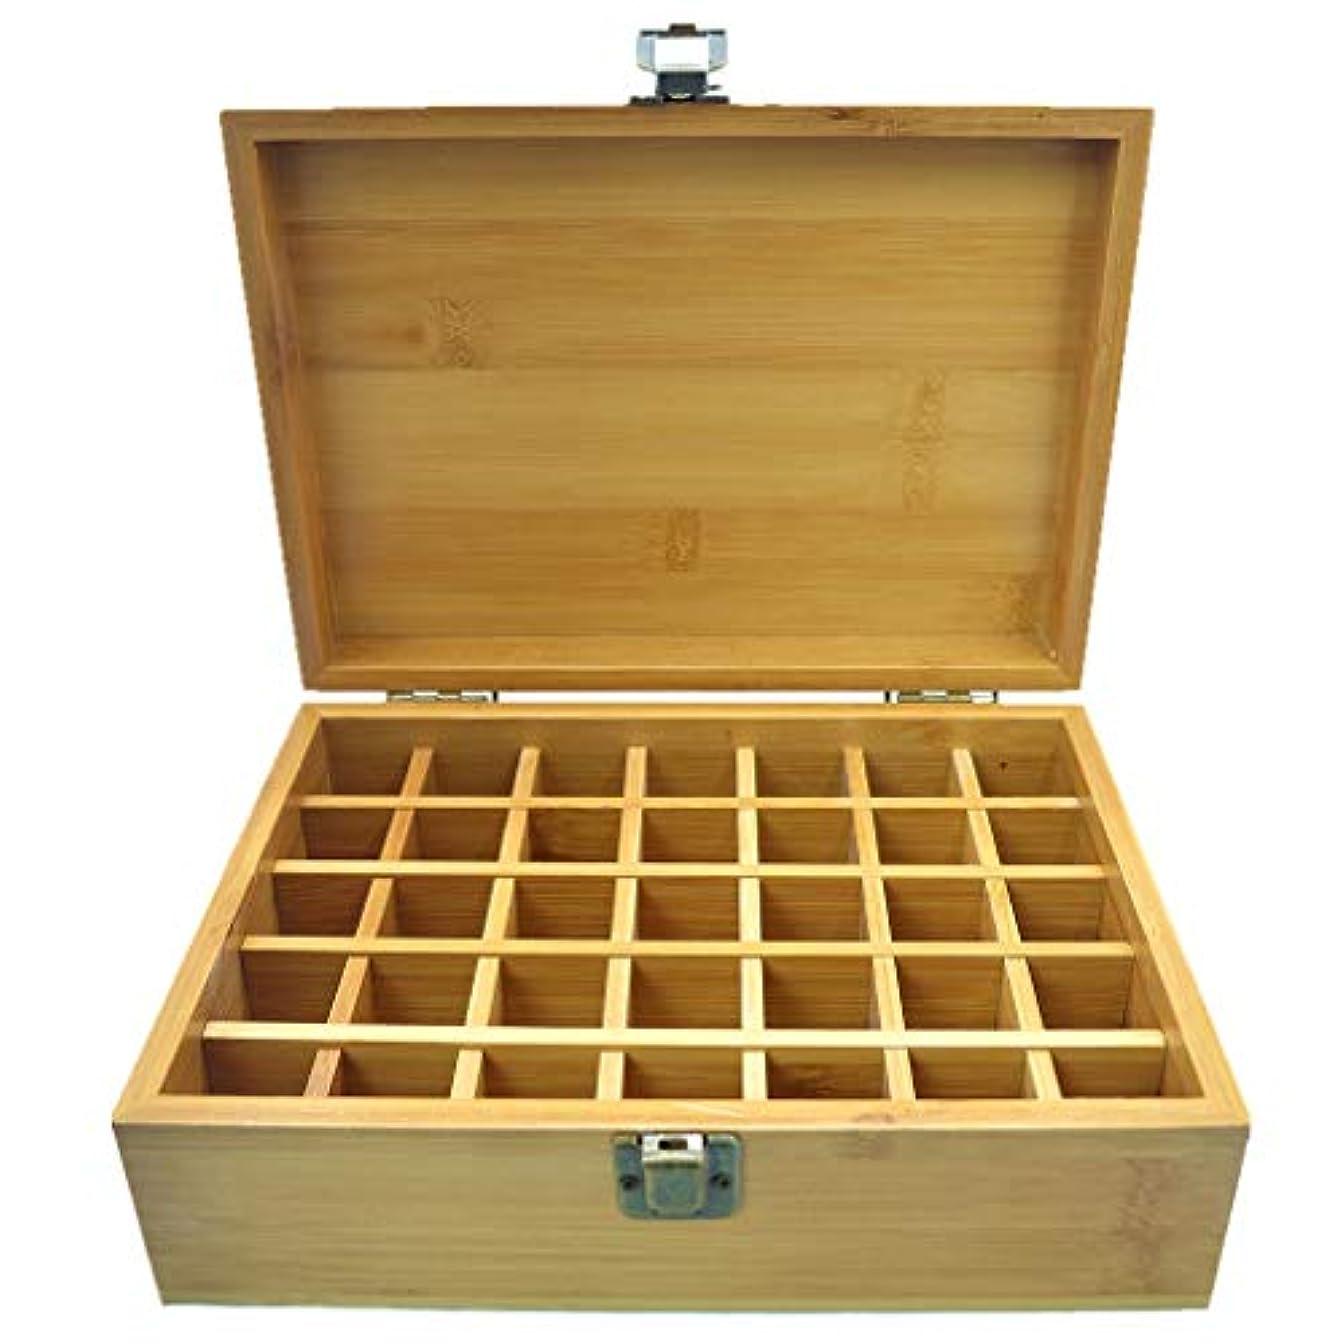 十代わざわざプレミアムPhantomSky エッセンシャルオイル収納ボックス 35本用 竹製エッセンシャルオイルボックス メイクポーチ 精油収納ケース 携帯用 自然ウッド精油収納ボックス 香水収納ケース